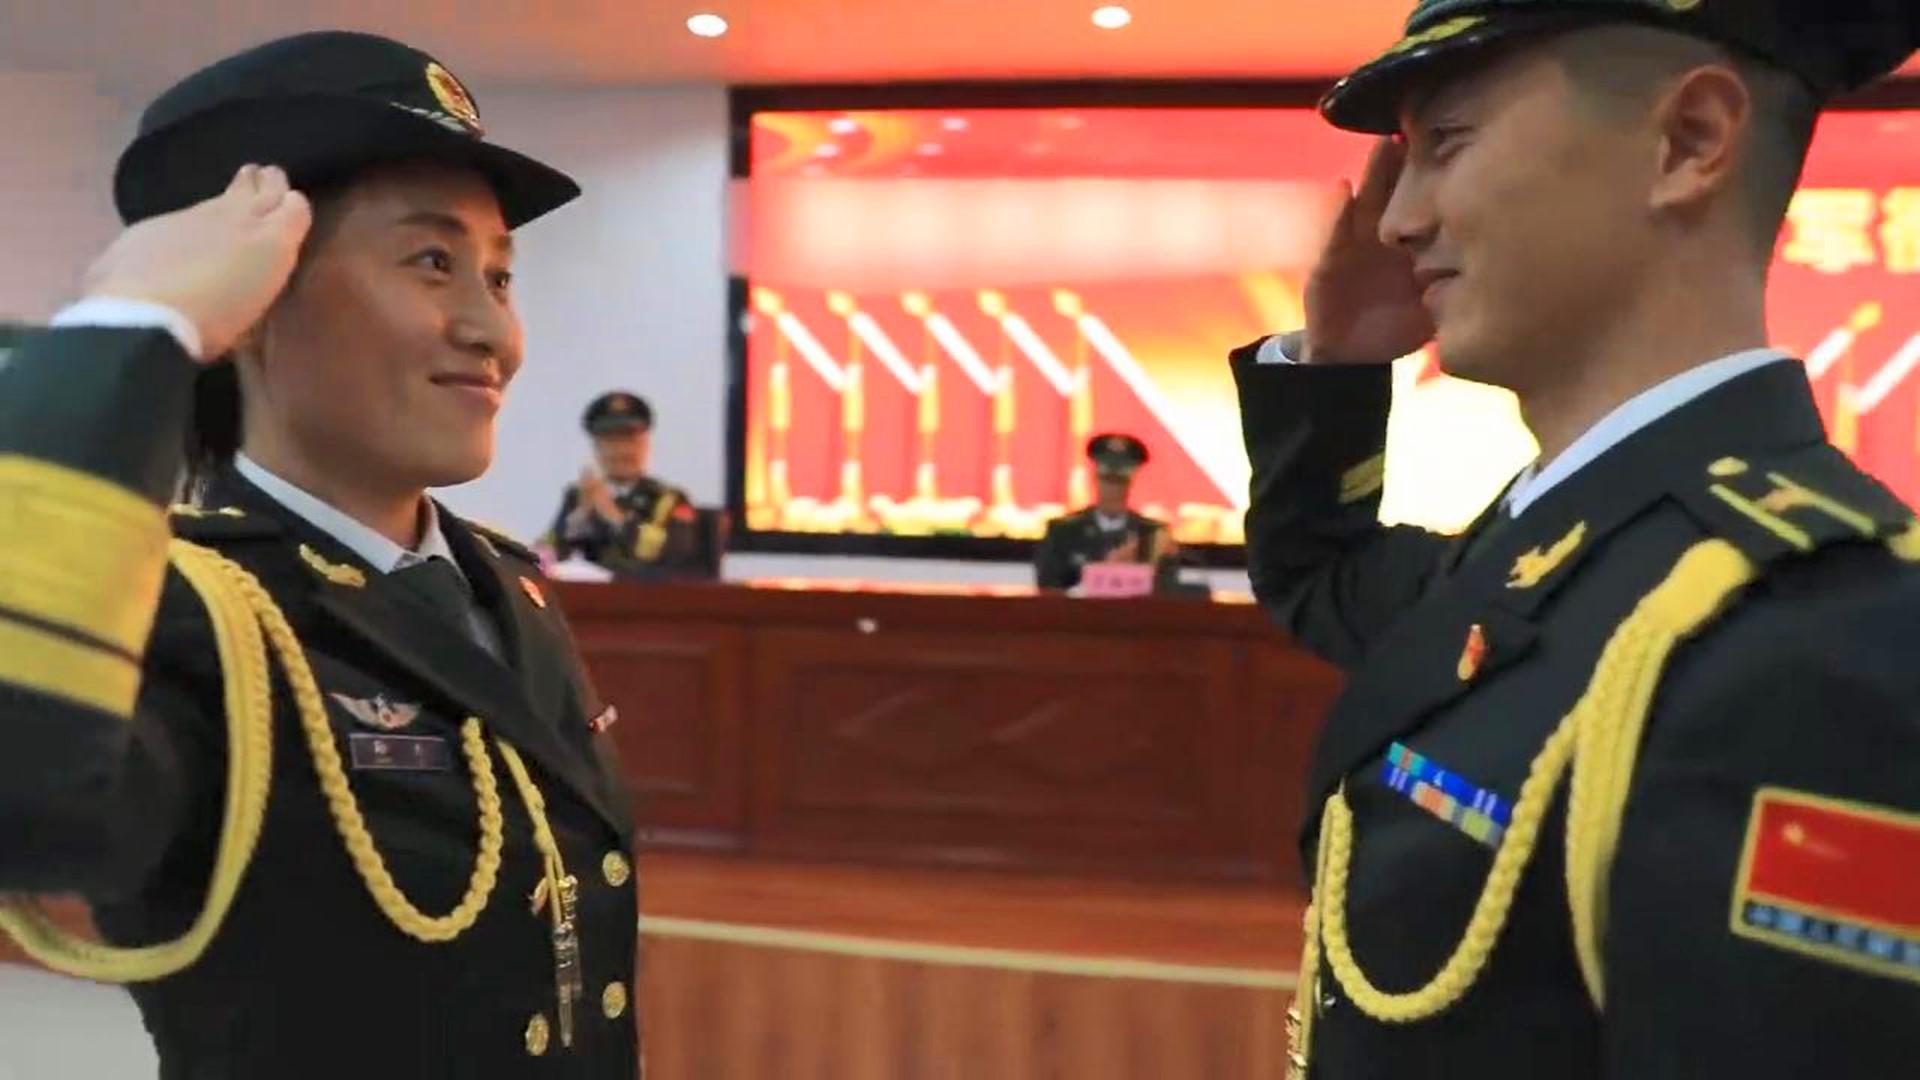 罕见!73集团军某旅夫妻一同晋升军衔,老公调少校,老婆提上尉